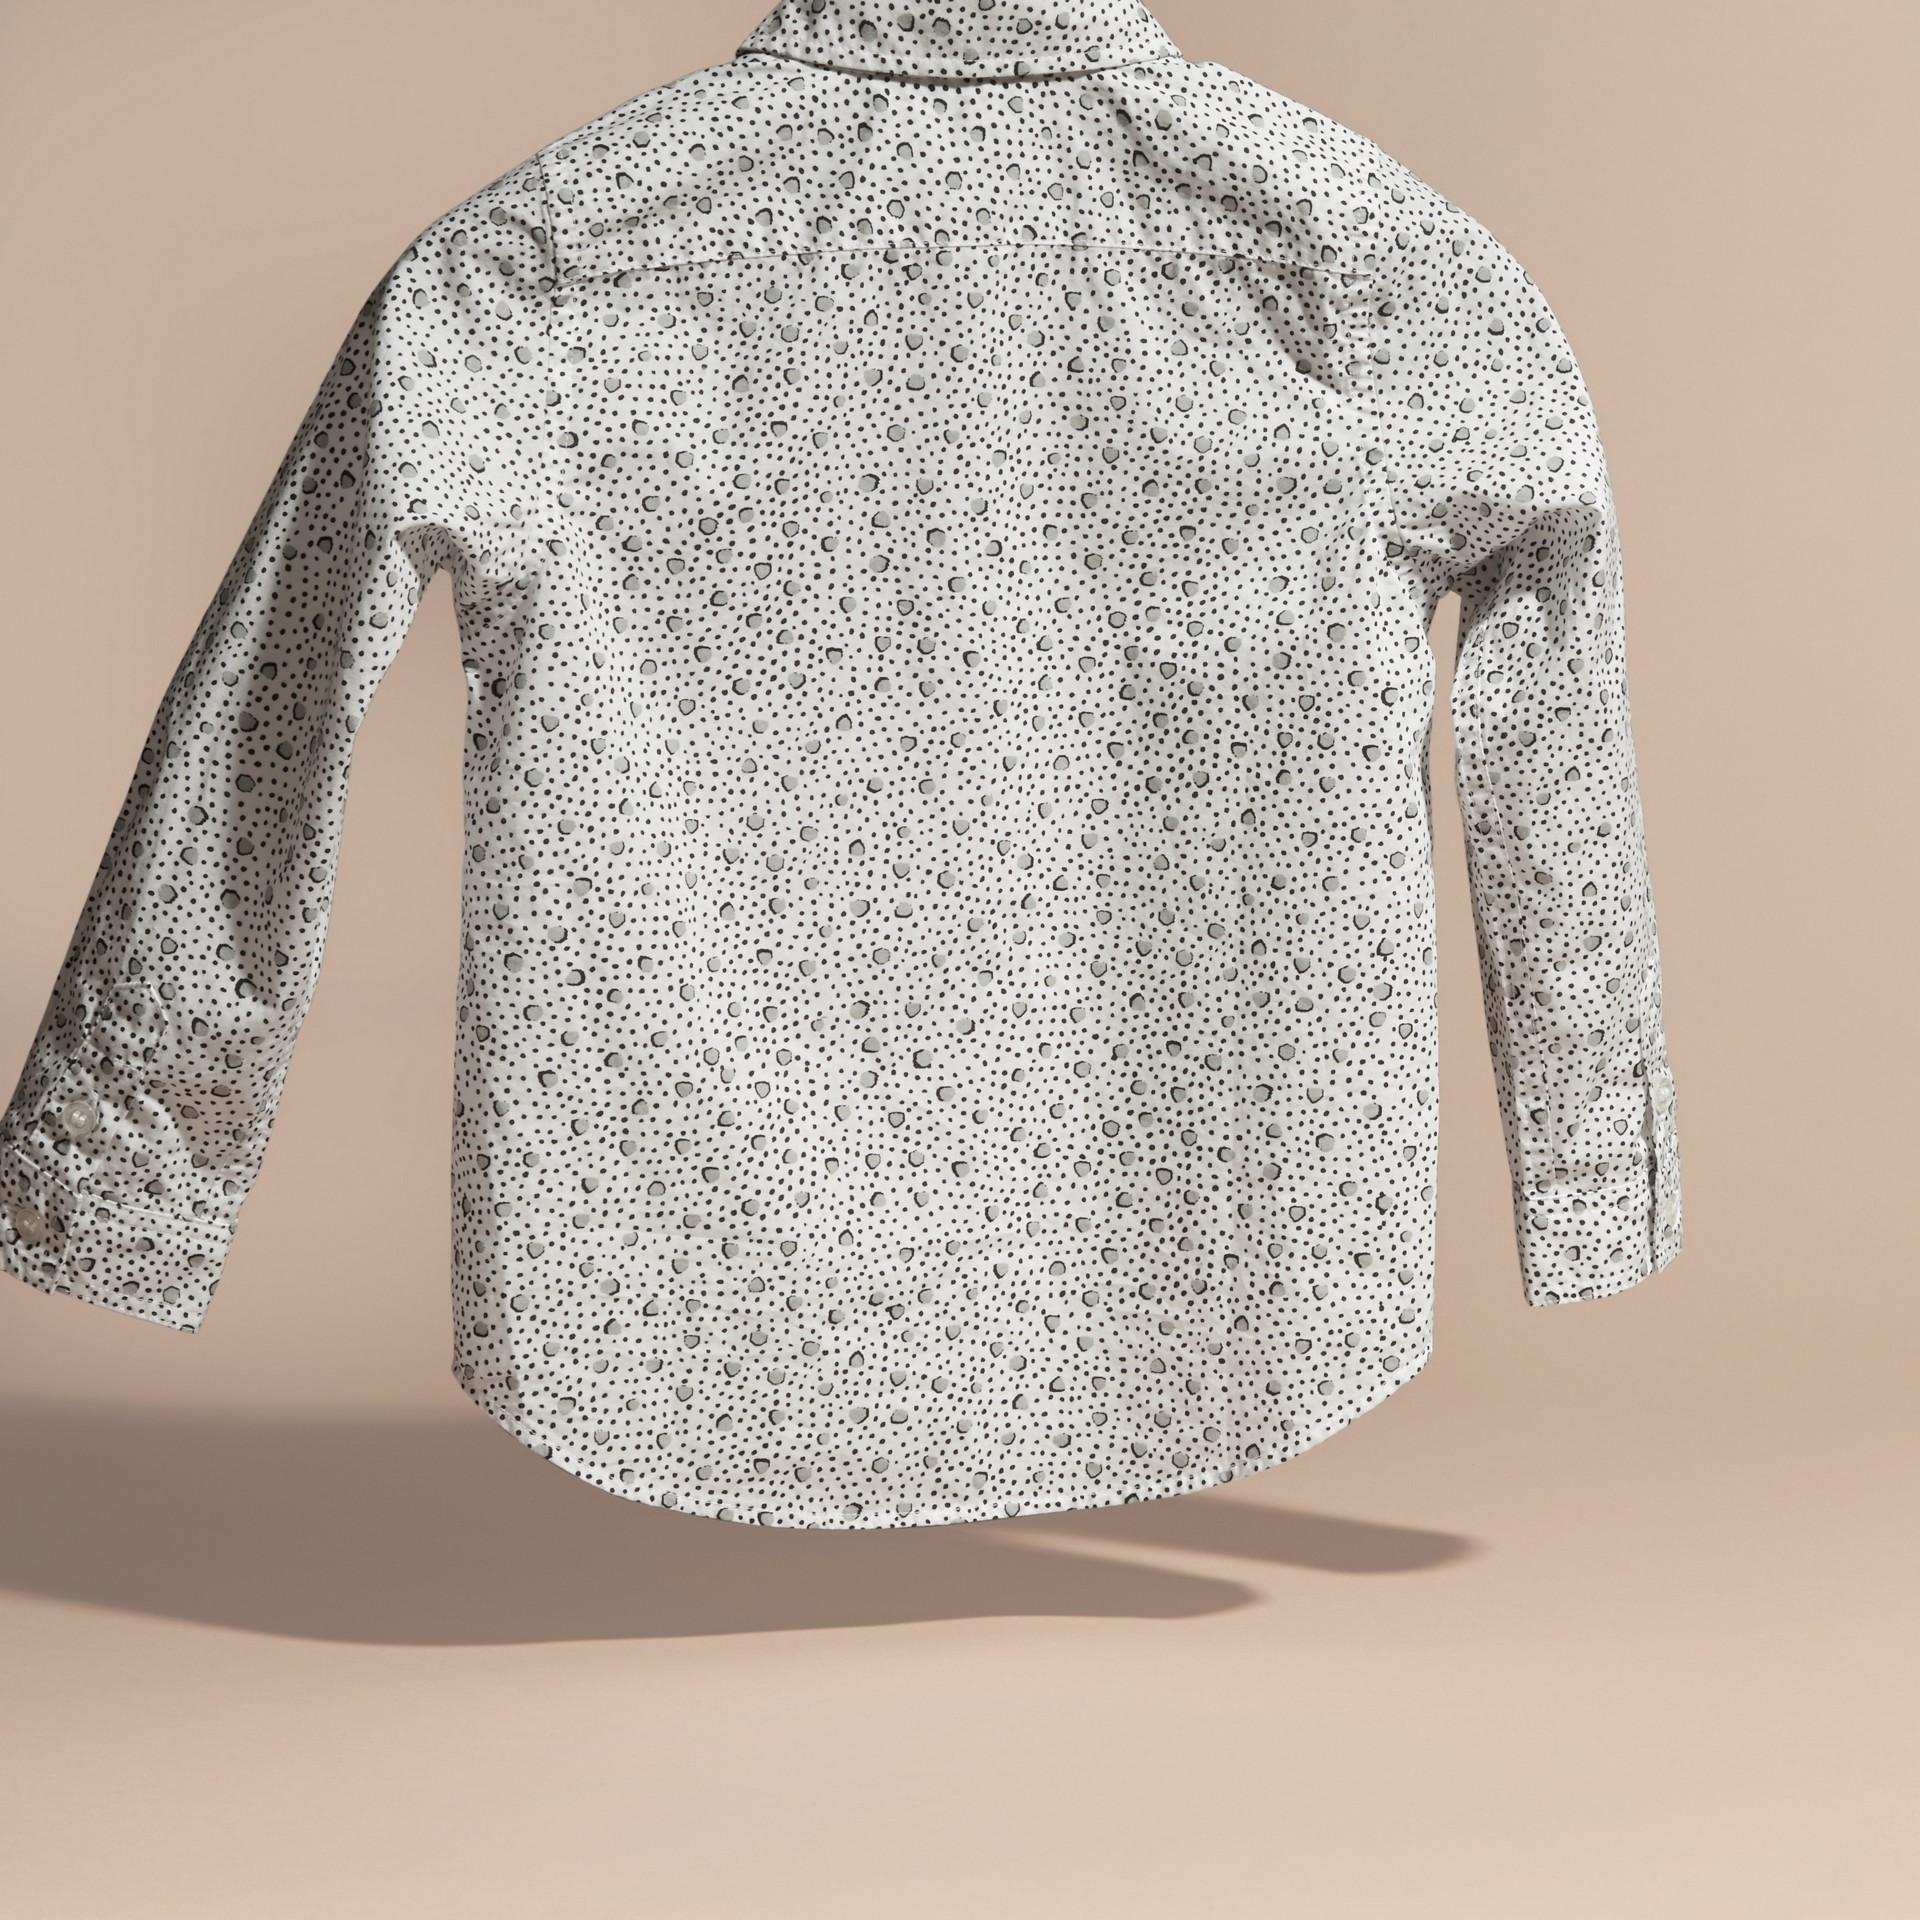 Branco Camisa de algodão com estampa de poás Branco - galeria de imagens 4